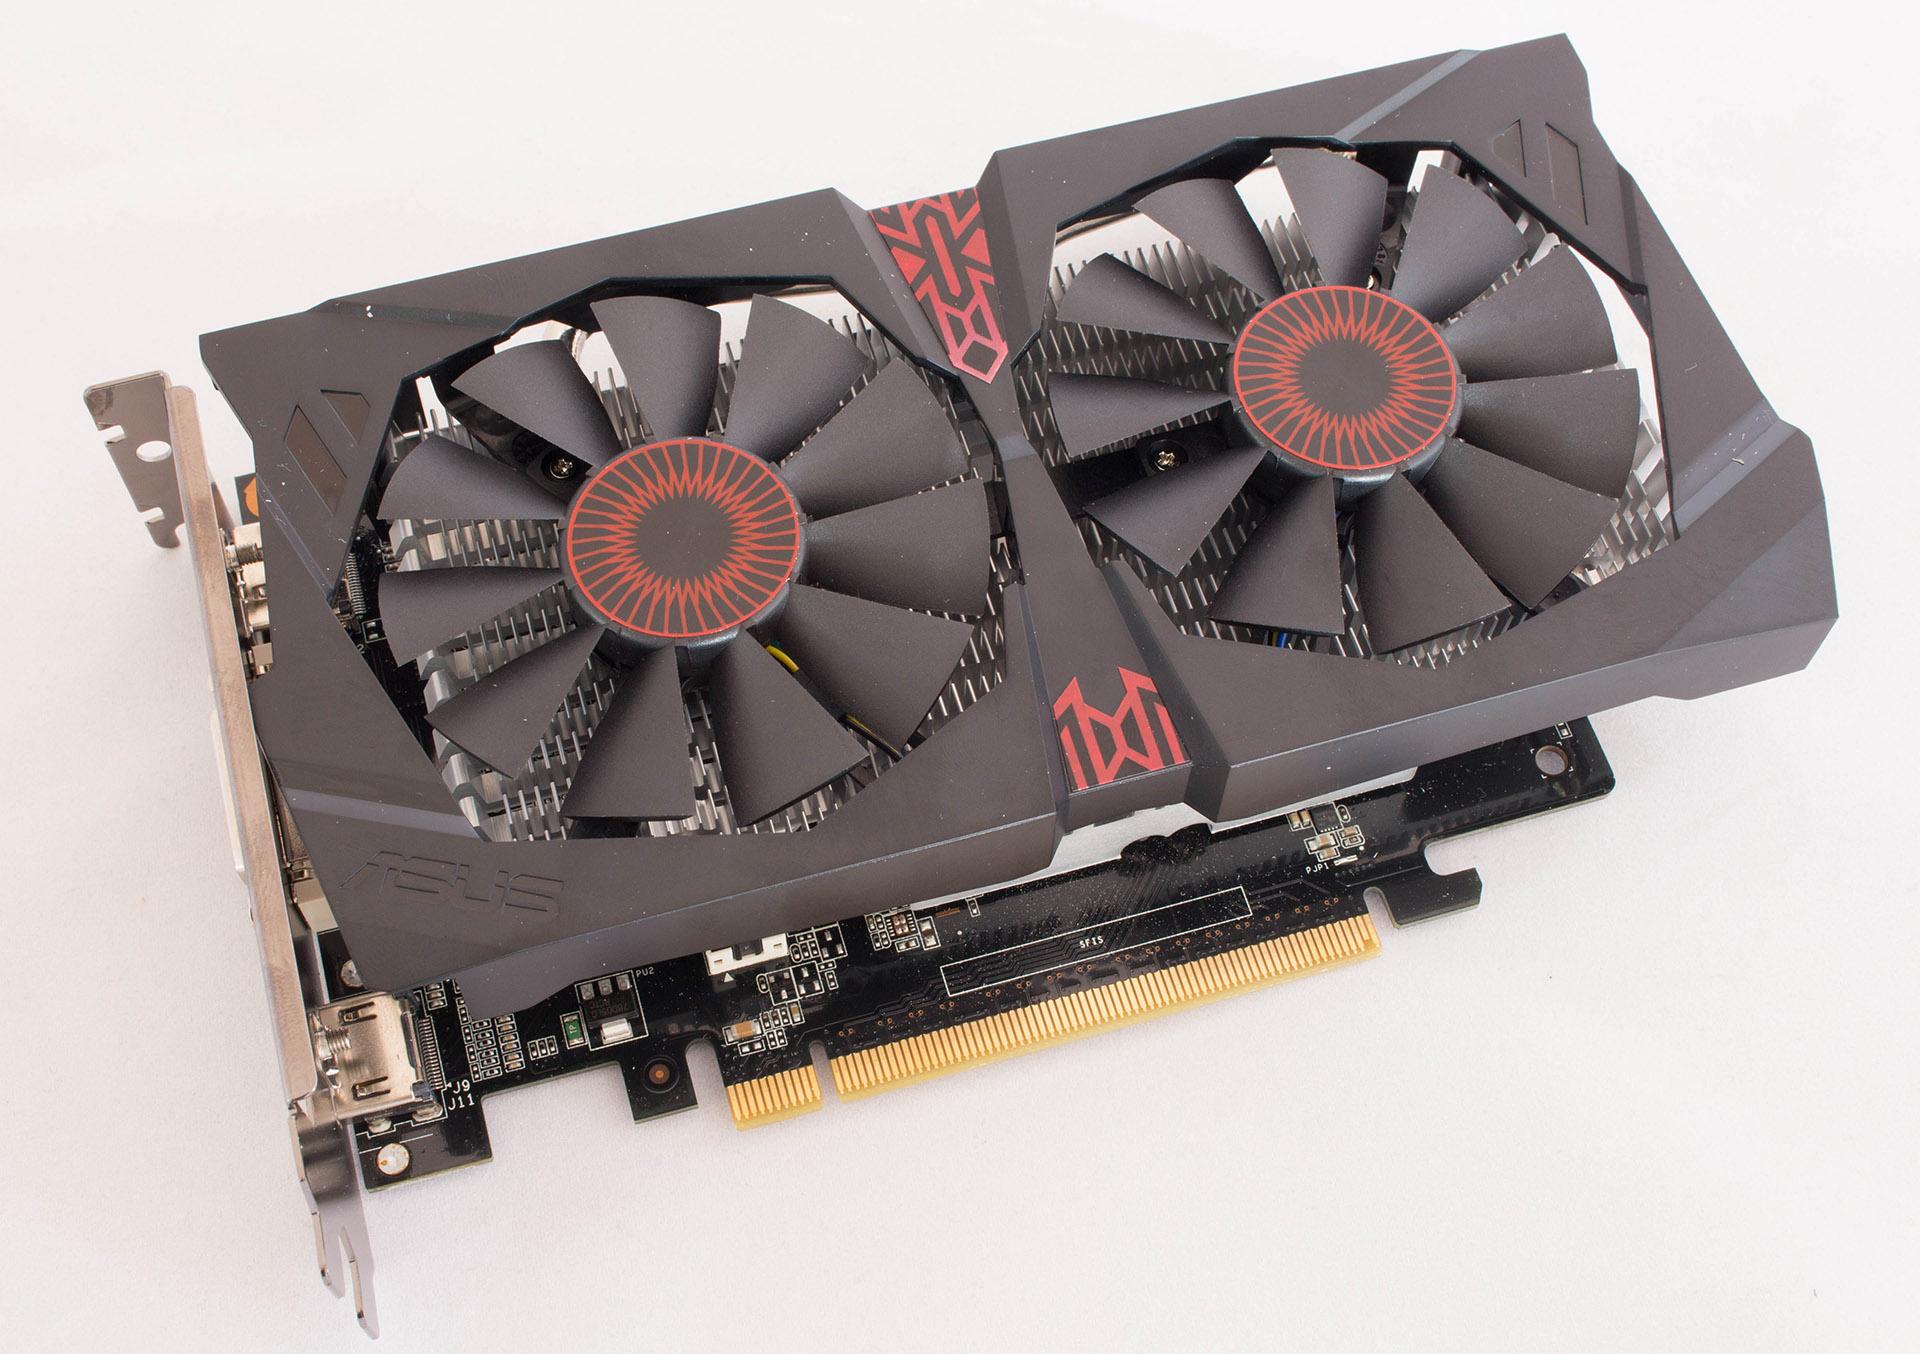 ASUS GeForce GTX750 Ti STRIX test